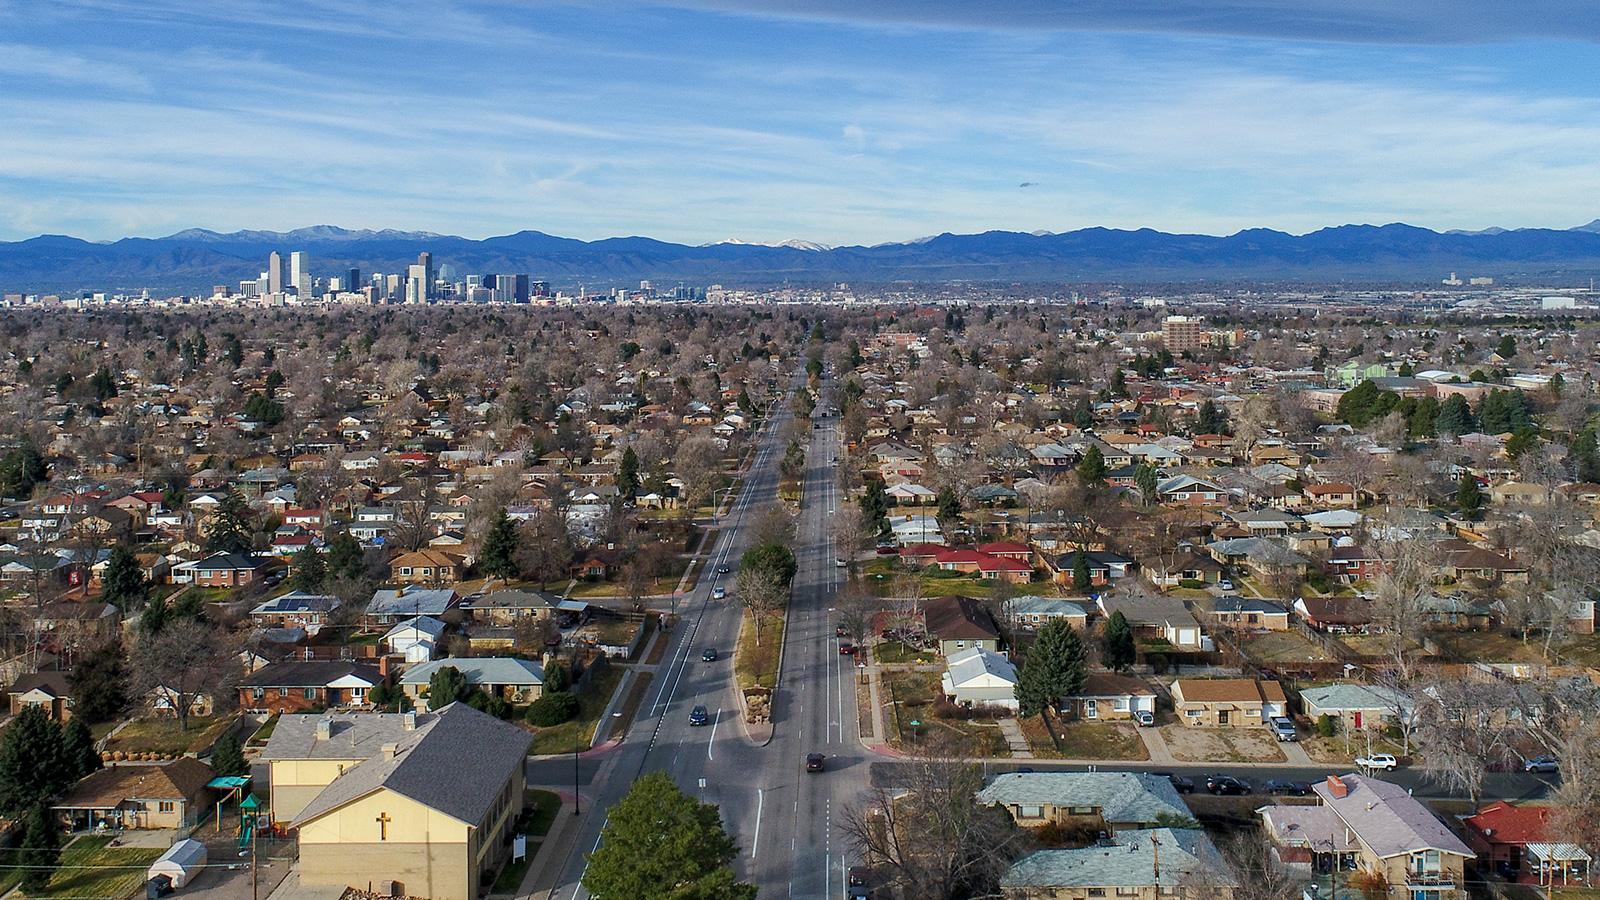 Aerial of Denver city